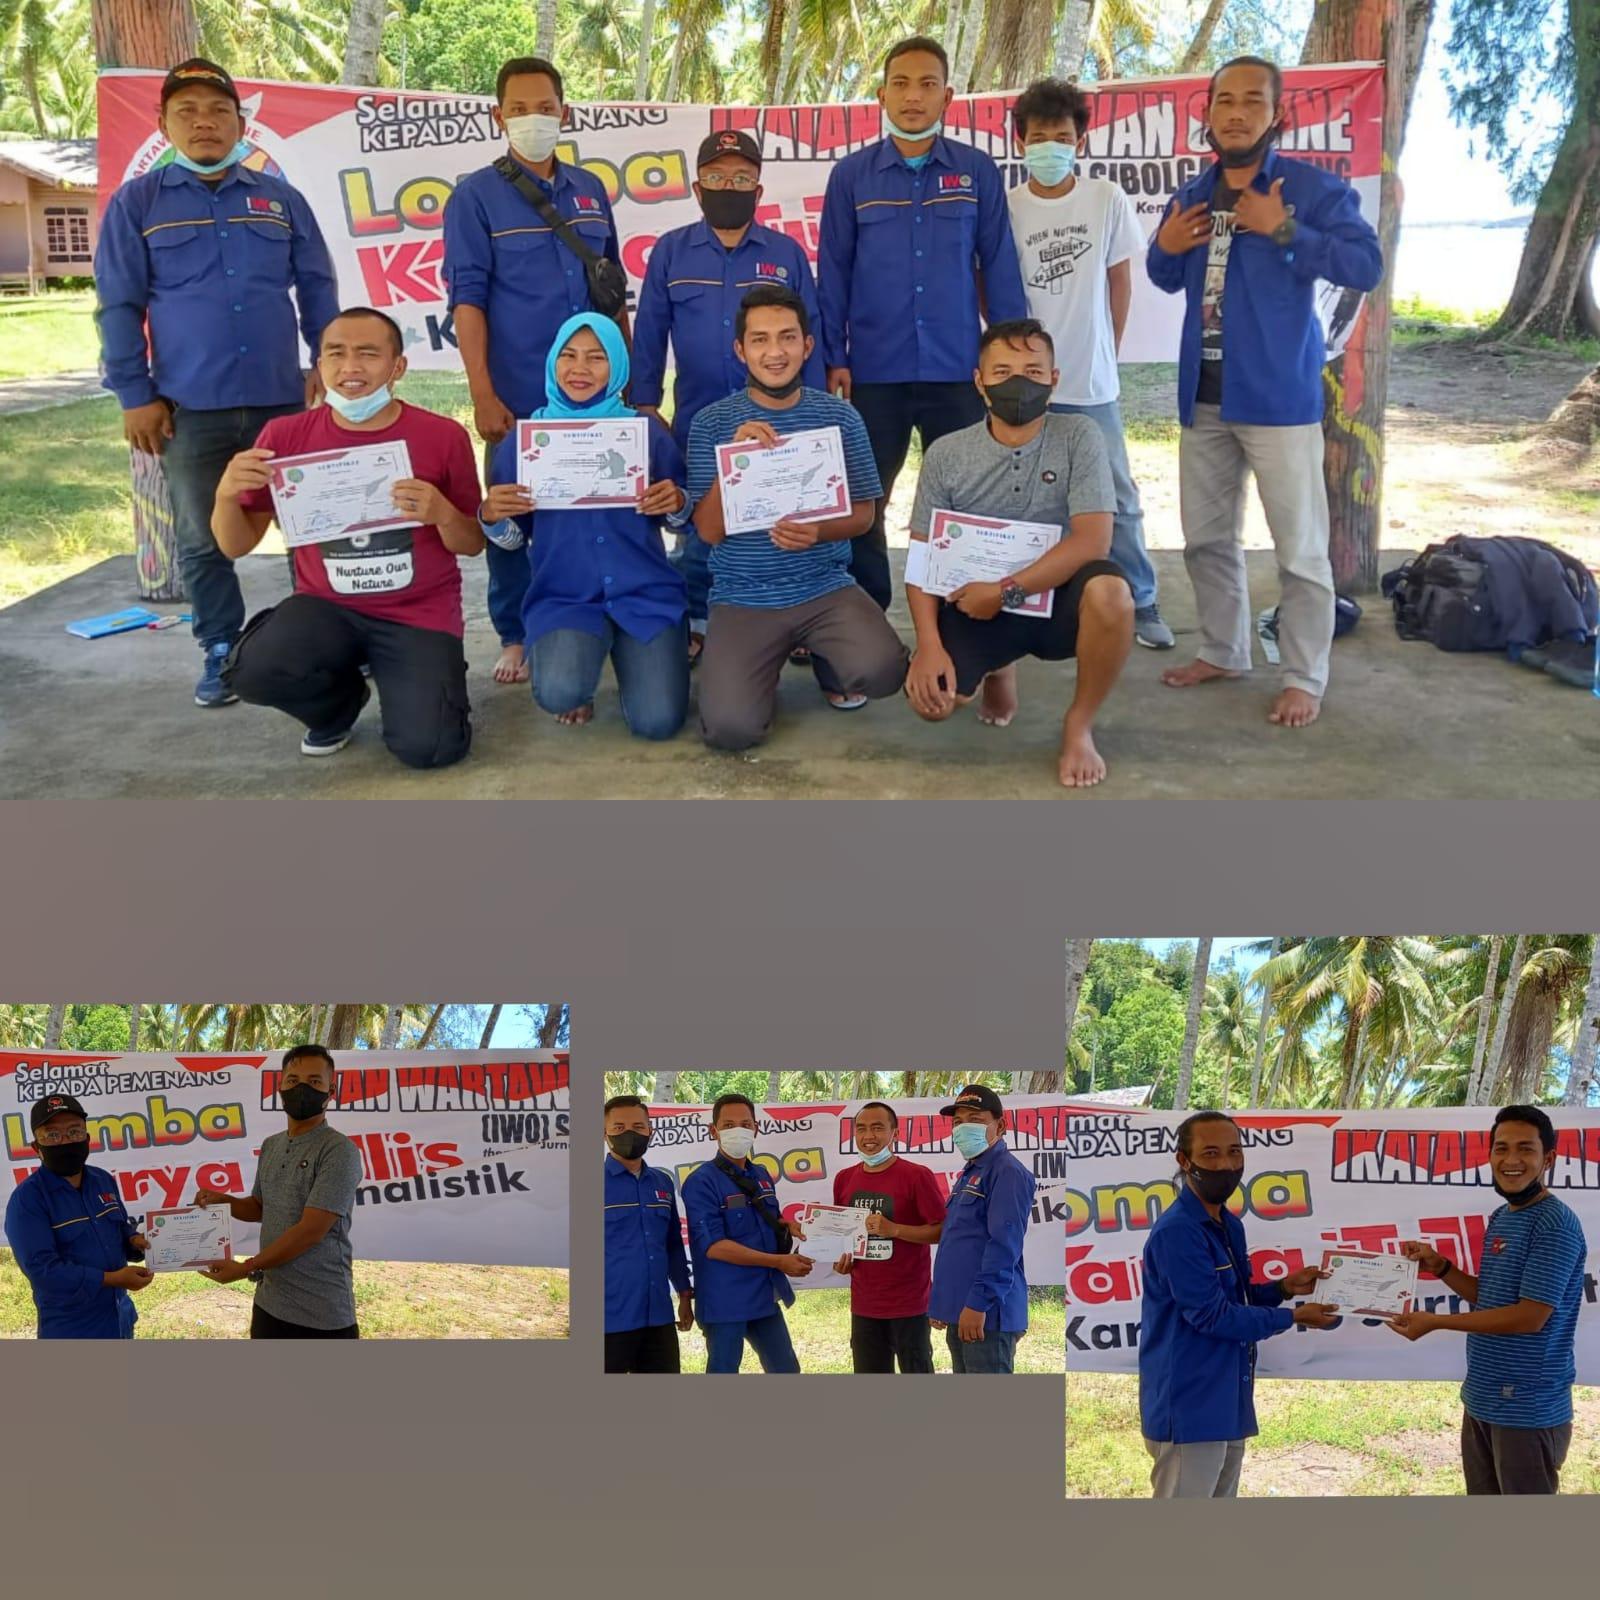 Ketua IWO Sibolga-Tapteng, Rommy Pasaribu bersama para pengurus IWO dan anggota foto bersama dengan para pemenang lomba. Foto: istimewa